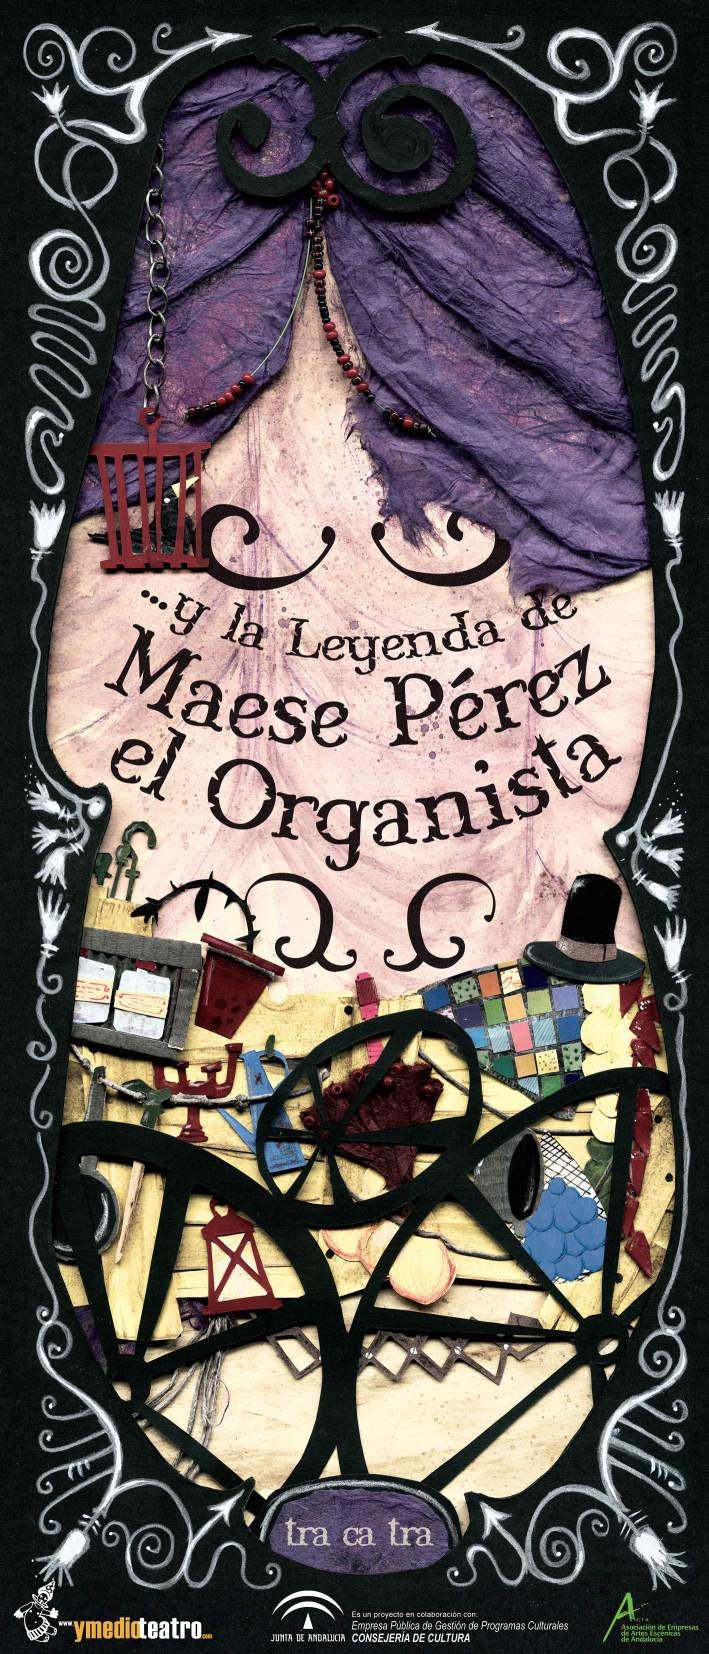 Cartel Maese Pérez